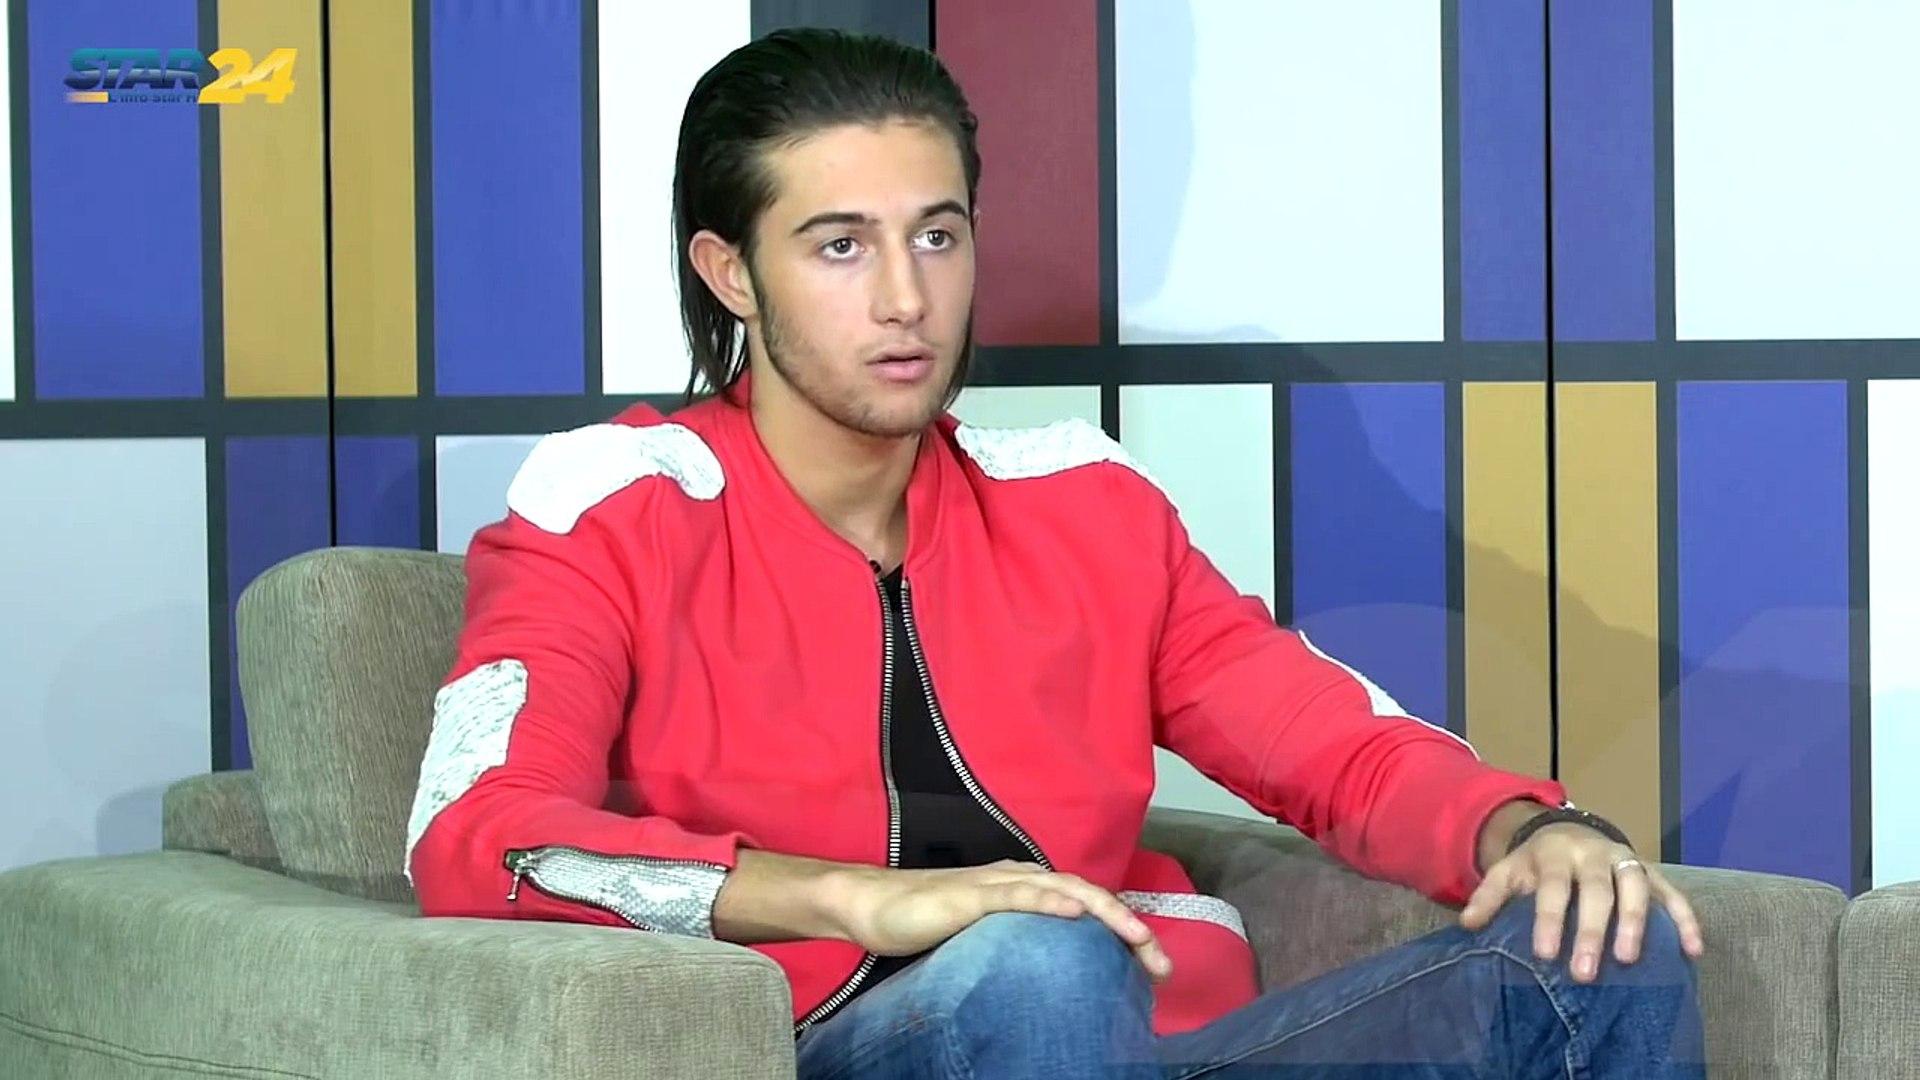 EXCLU STAR 24 VIDEO - Tarek Beanattia sort du silence pour la première fois sur Star 24